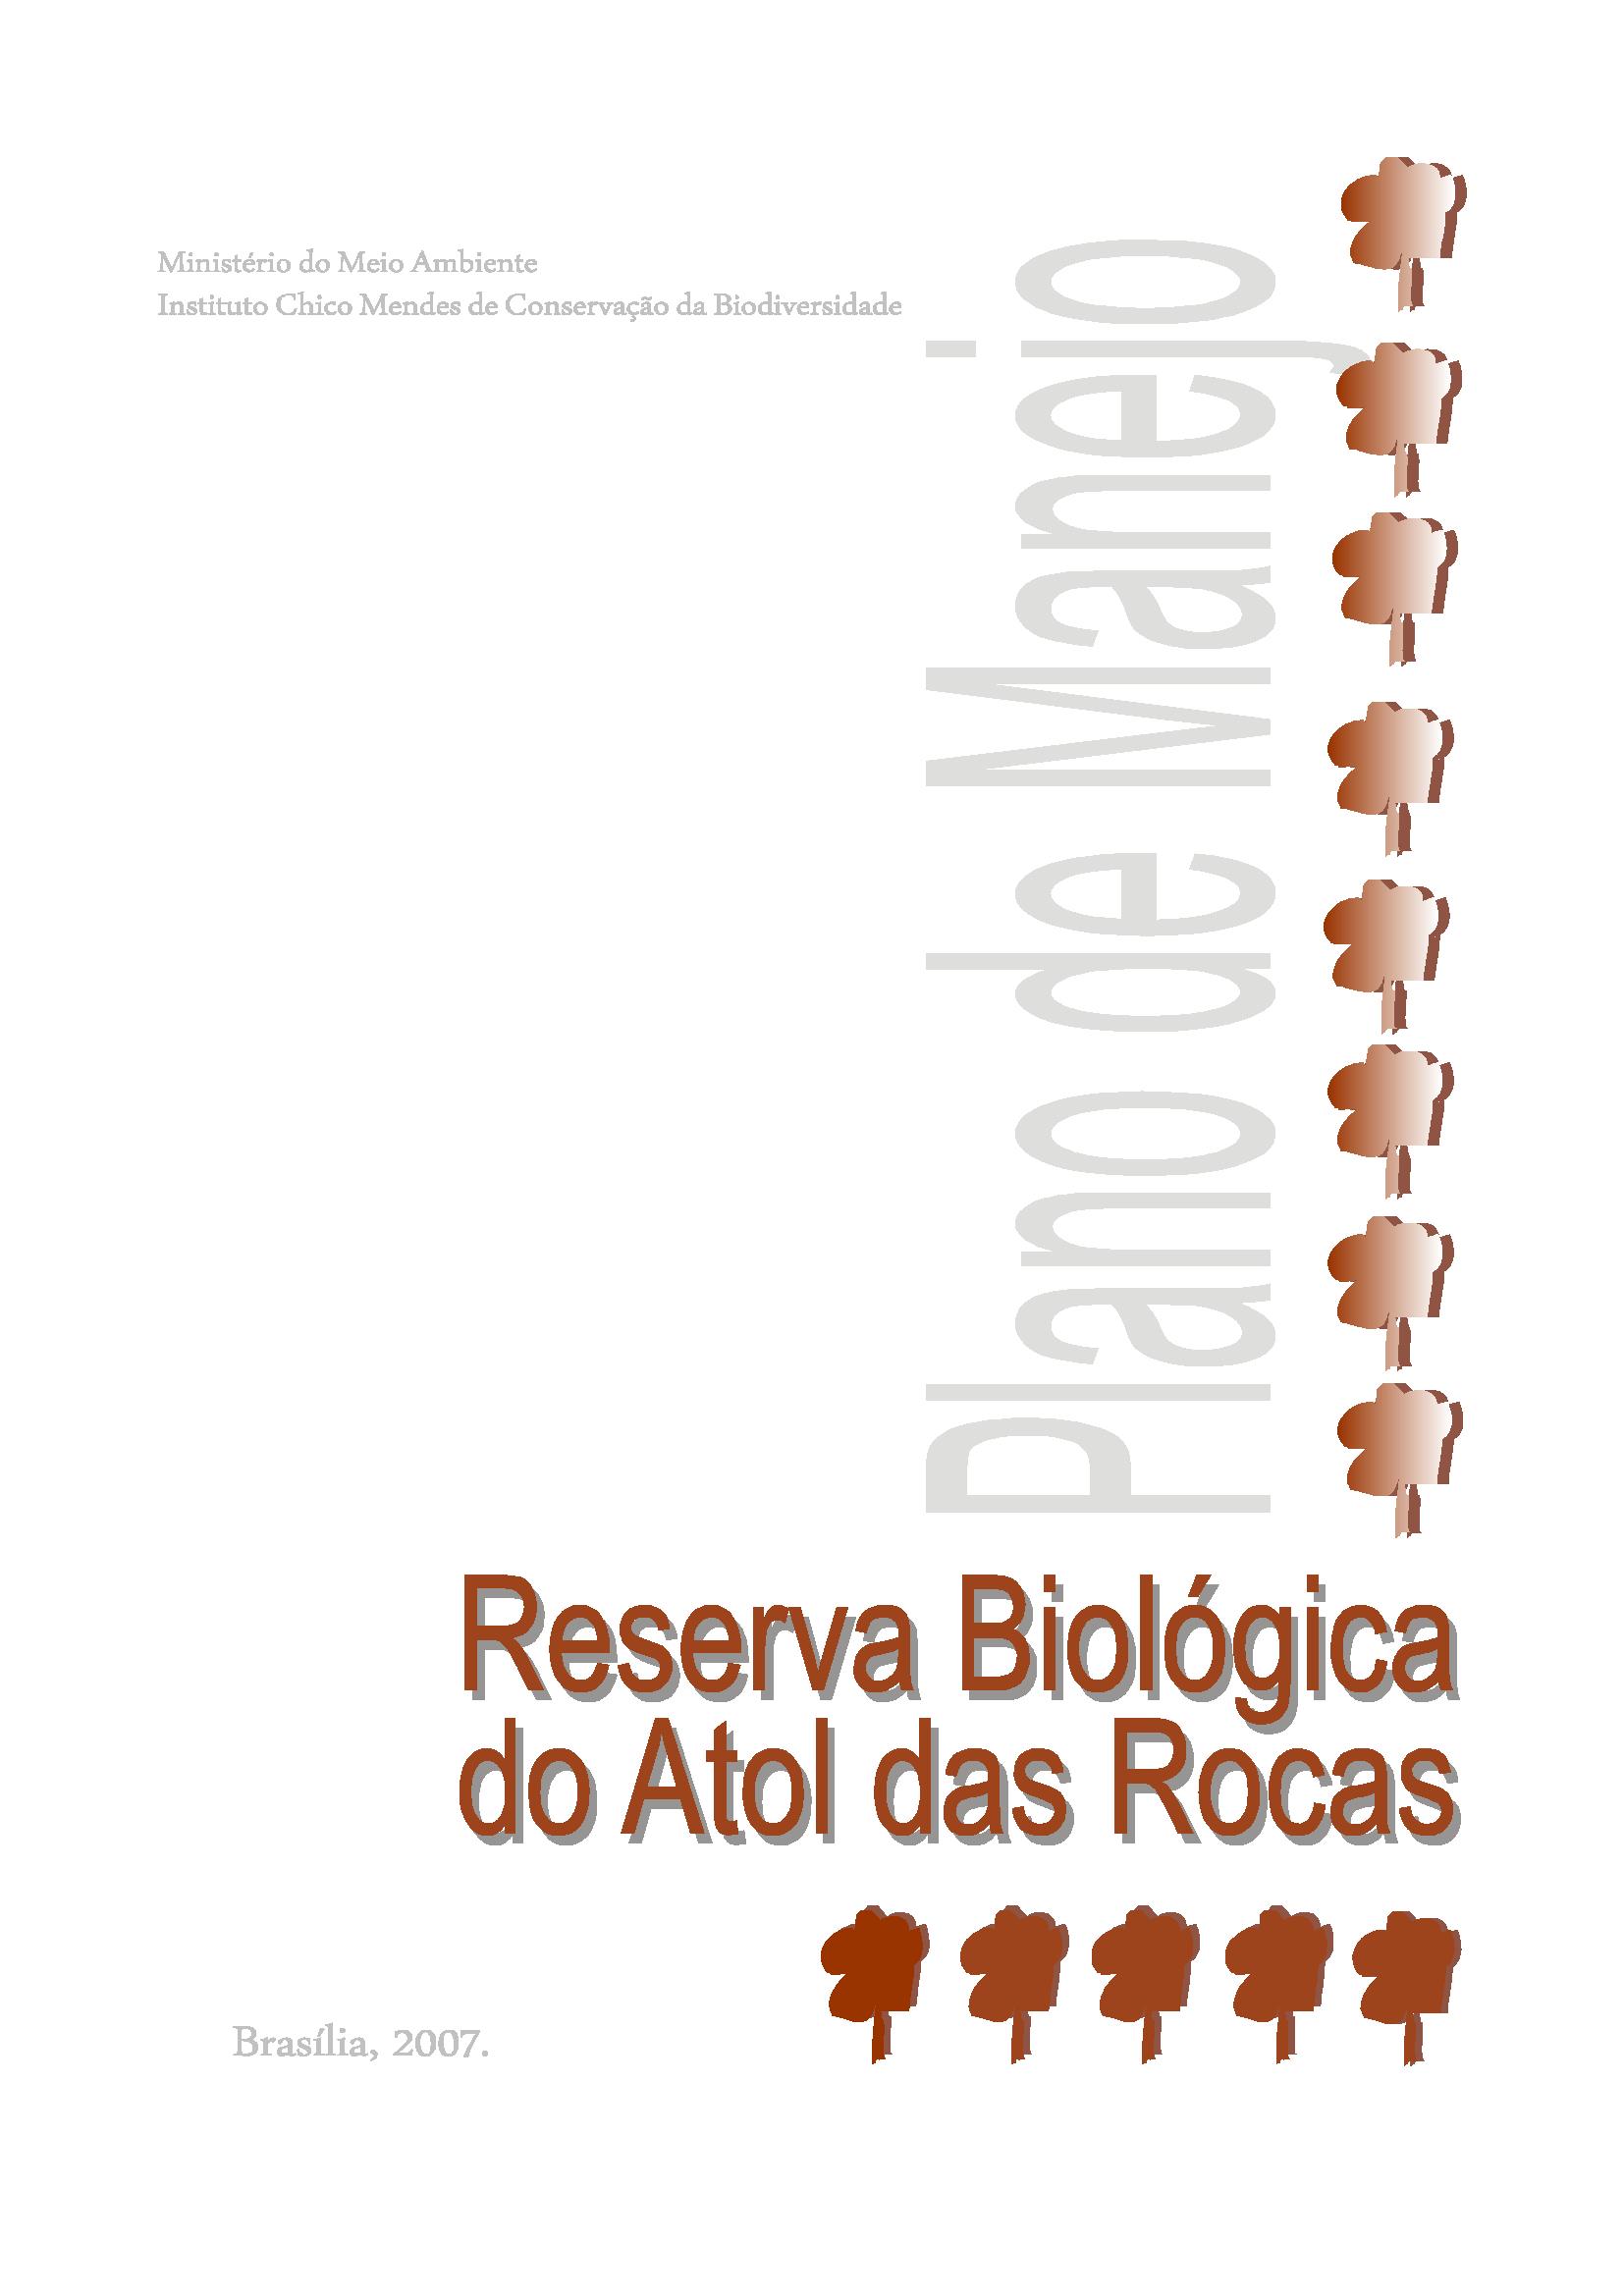 cc9652f12598f Planos de Manejo - Plano de Manejo da Reserva Biológica do Atol das ...